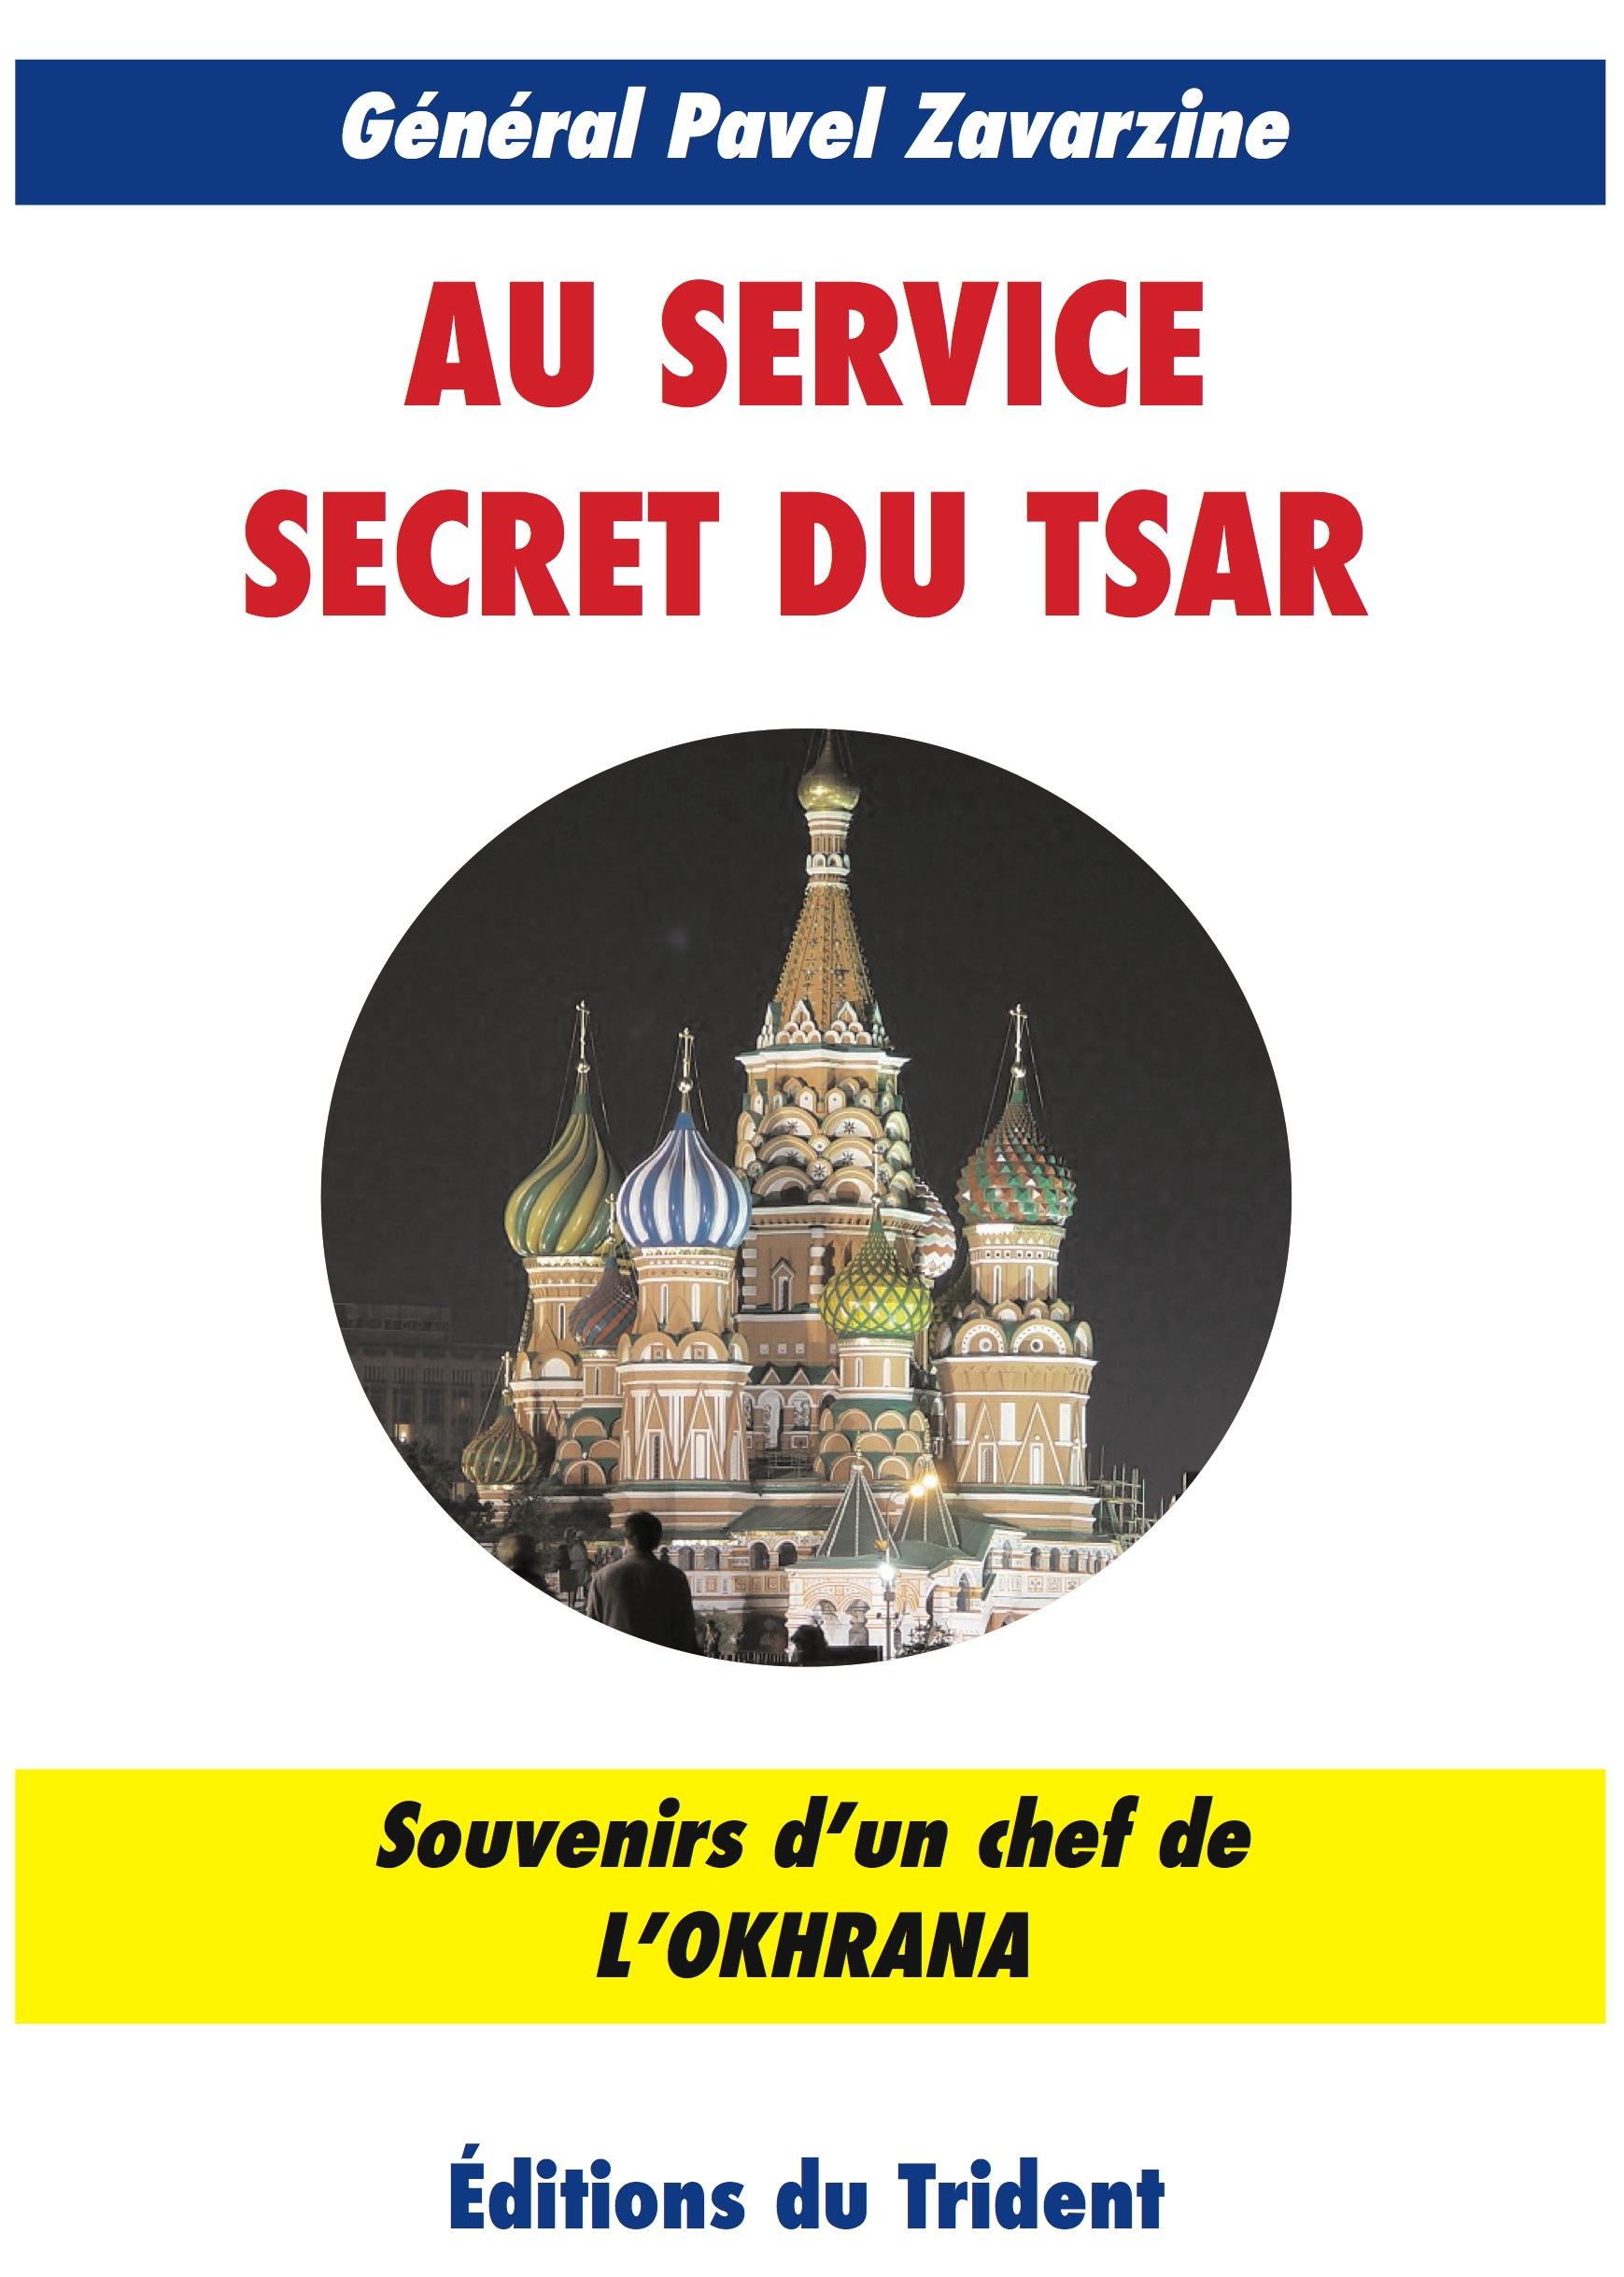 Des introductions russes seulement